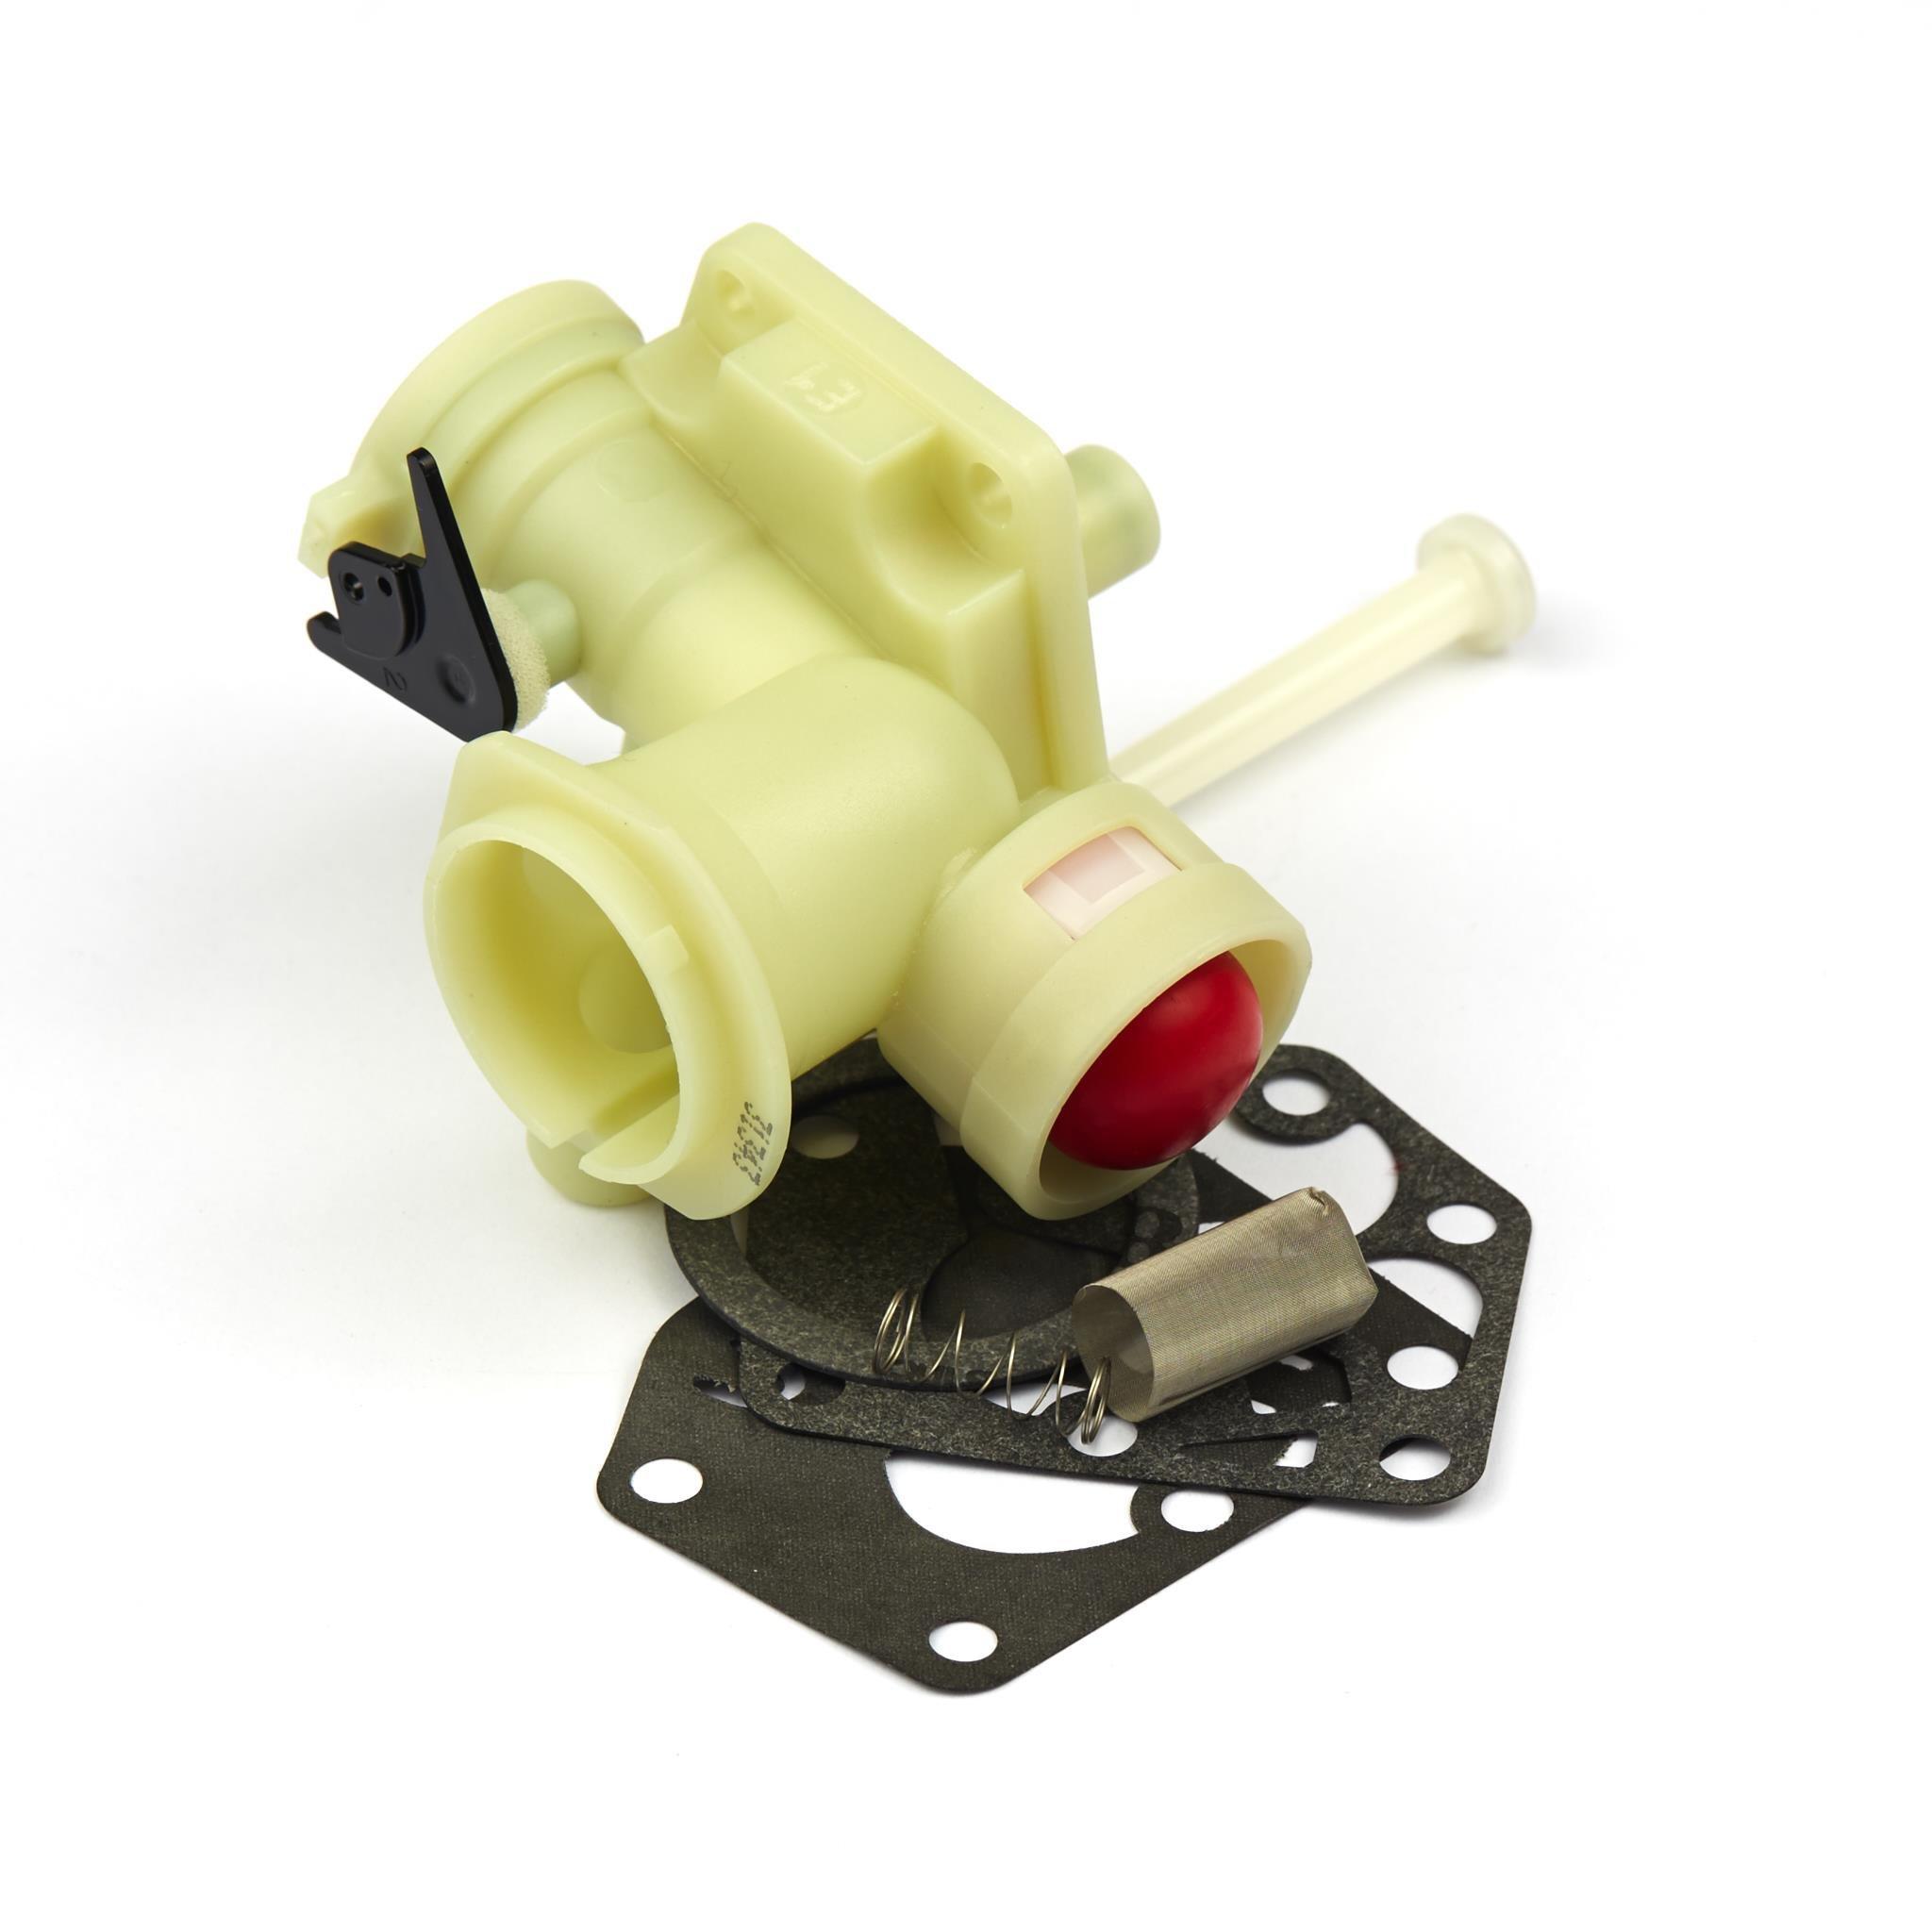 Carburetor for Briggs /& Stratton 795477 Replace 498811 795469 794147 699660 Carb